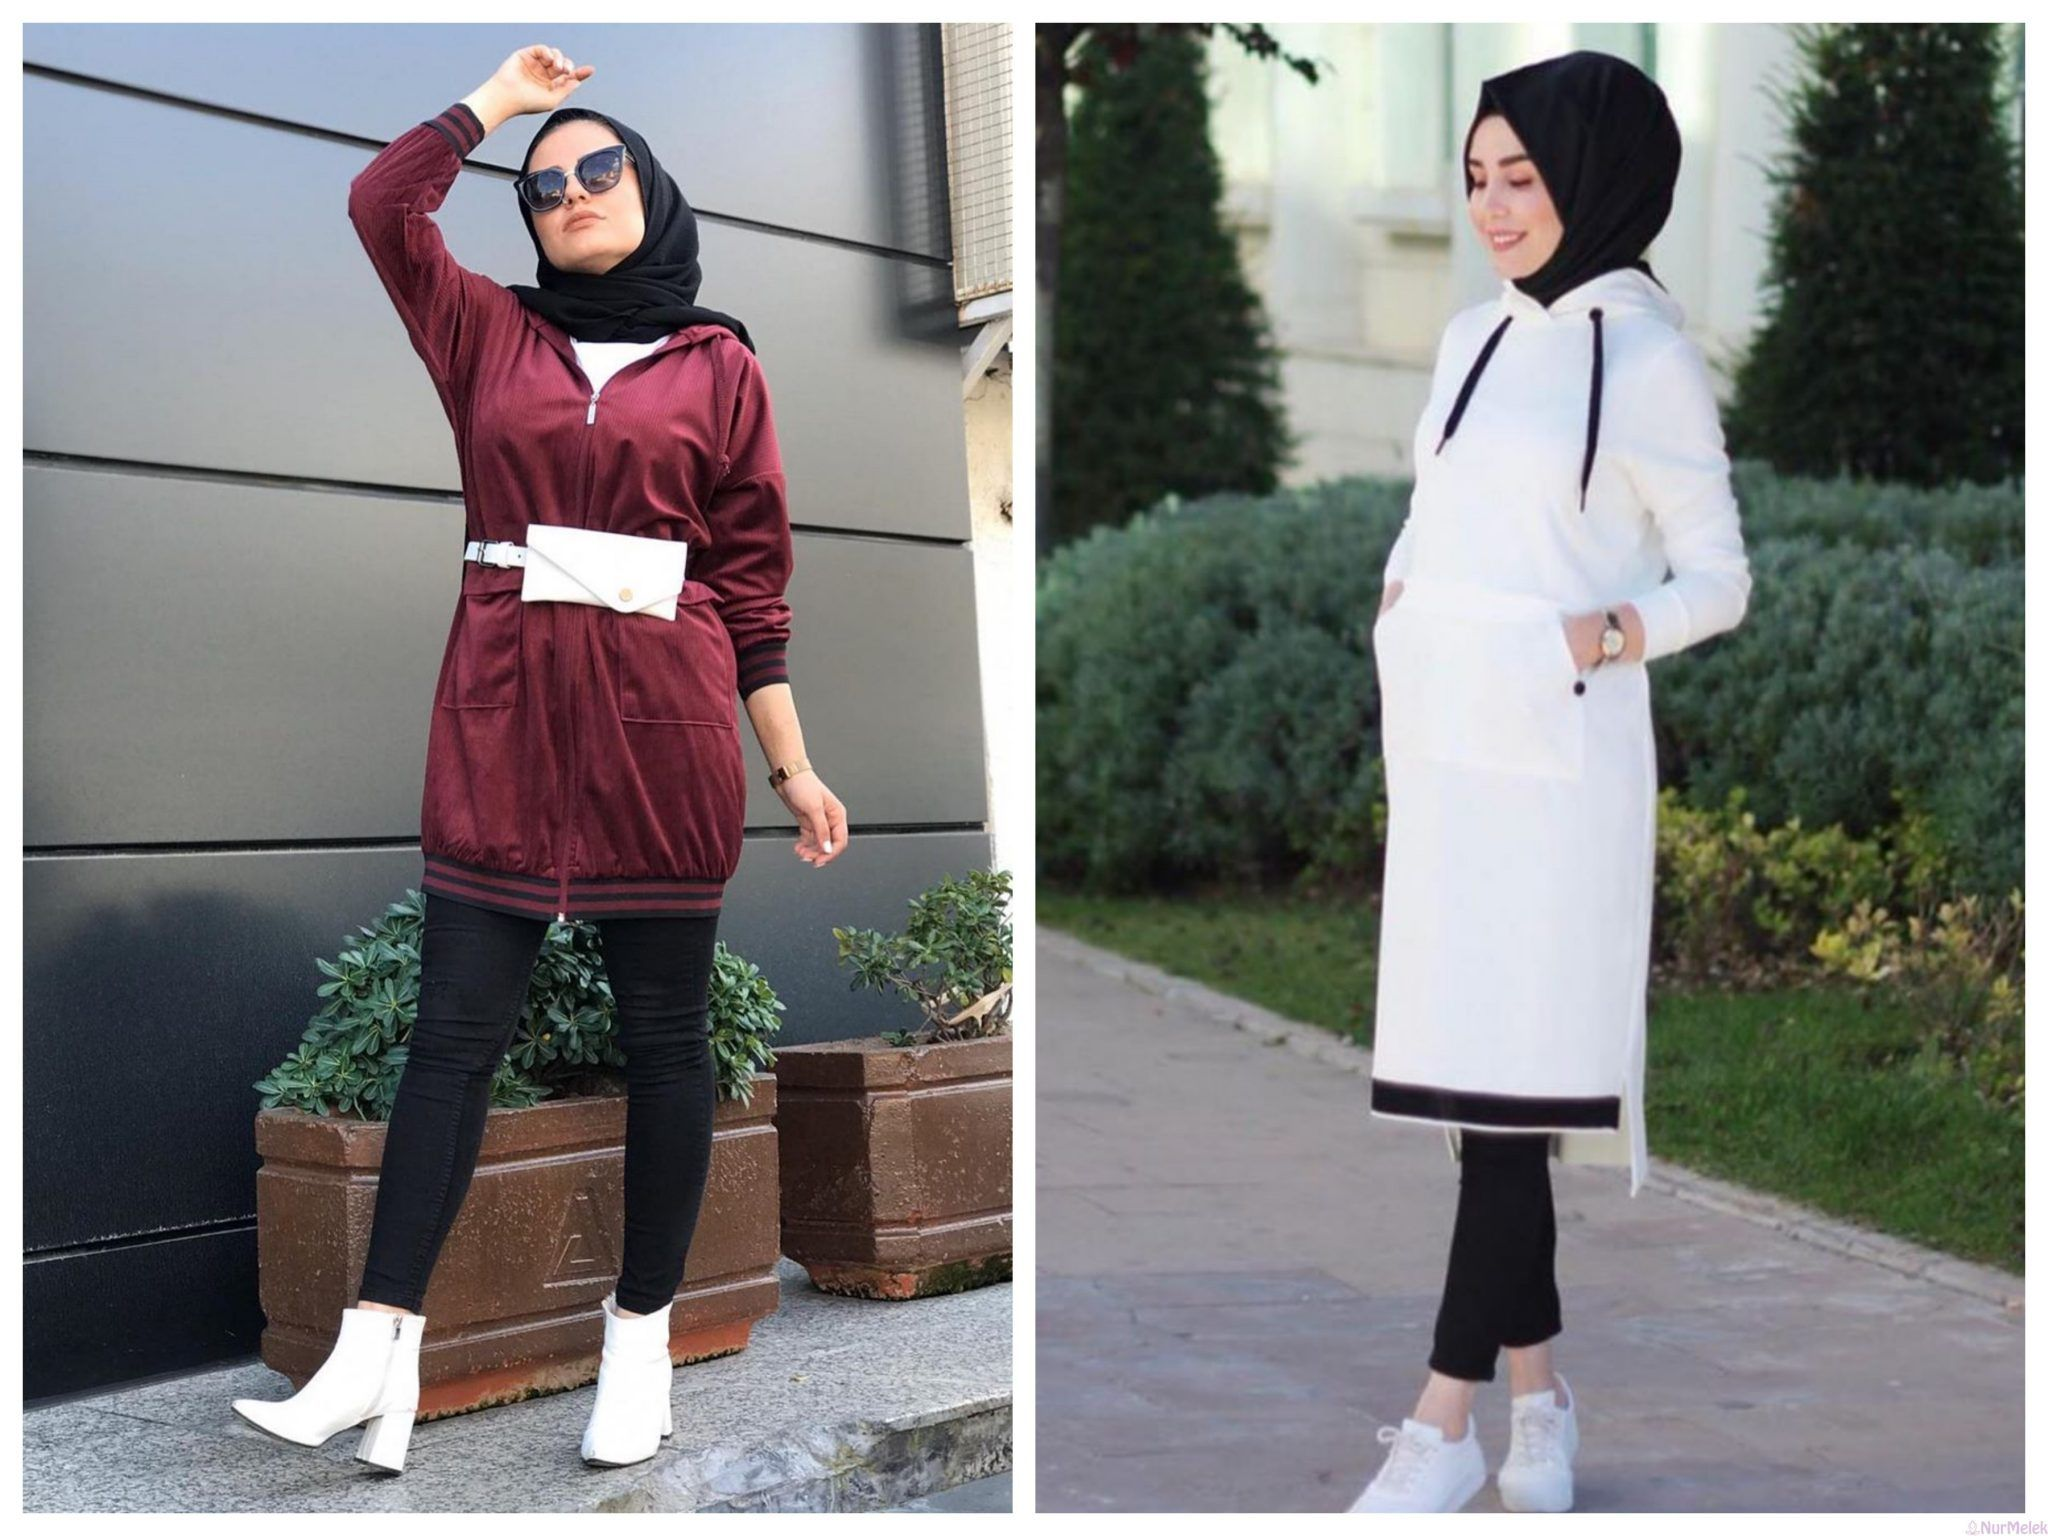 Farkli Tarz Isteyen Ogrenciler Icin Yeni Tesettur Kombin Fikirleri Moda Stilleri Giyim Kiyafet